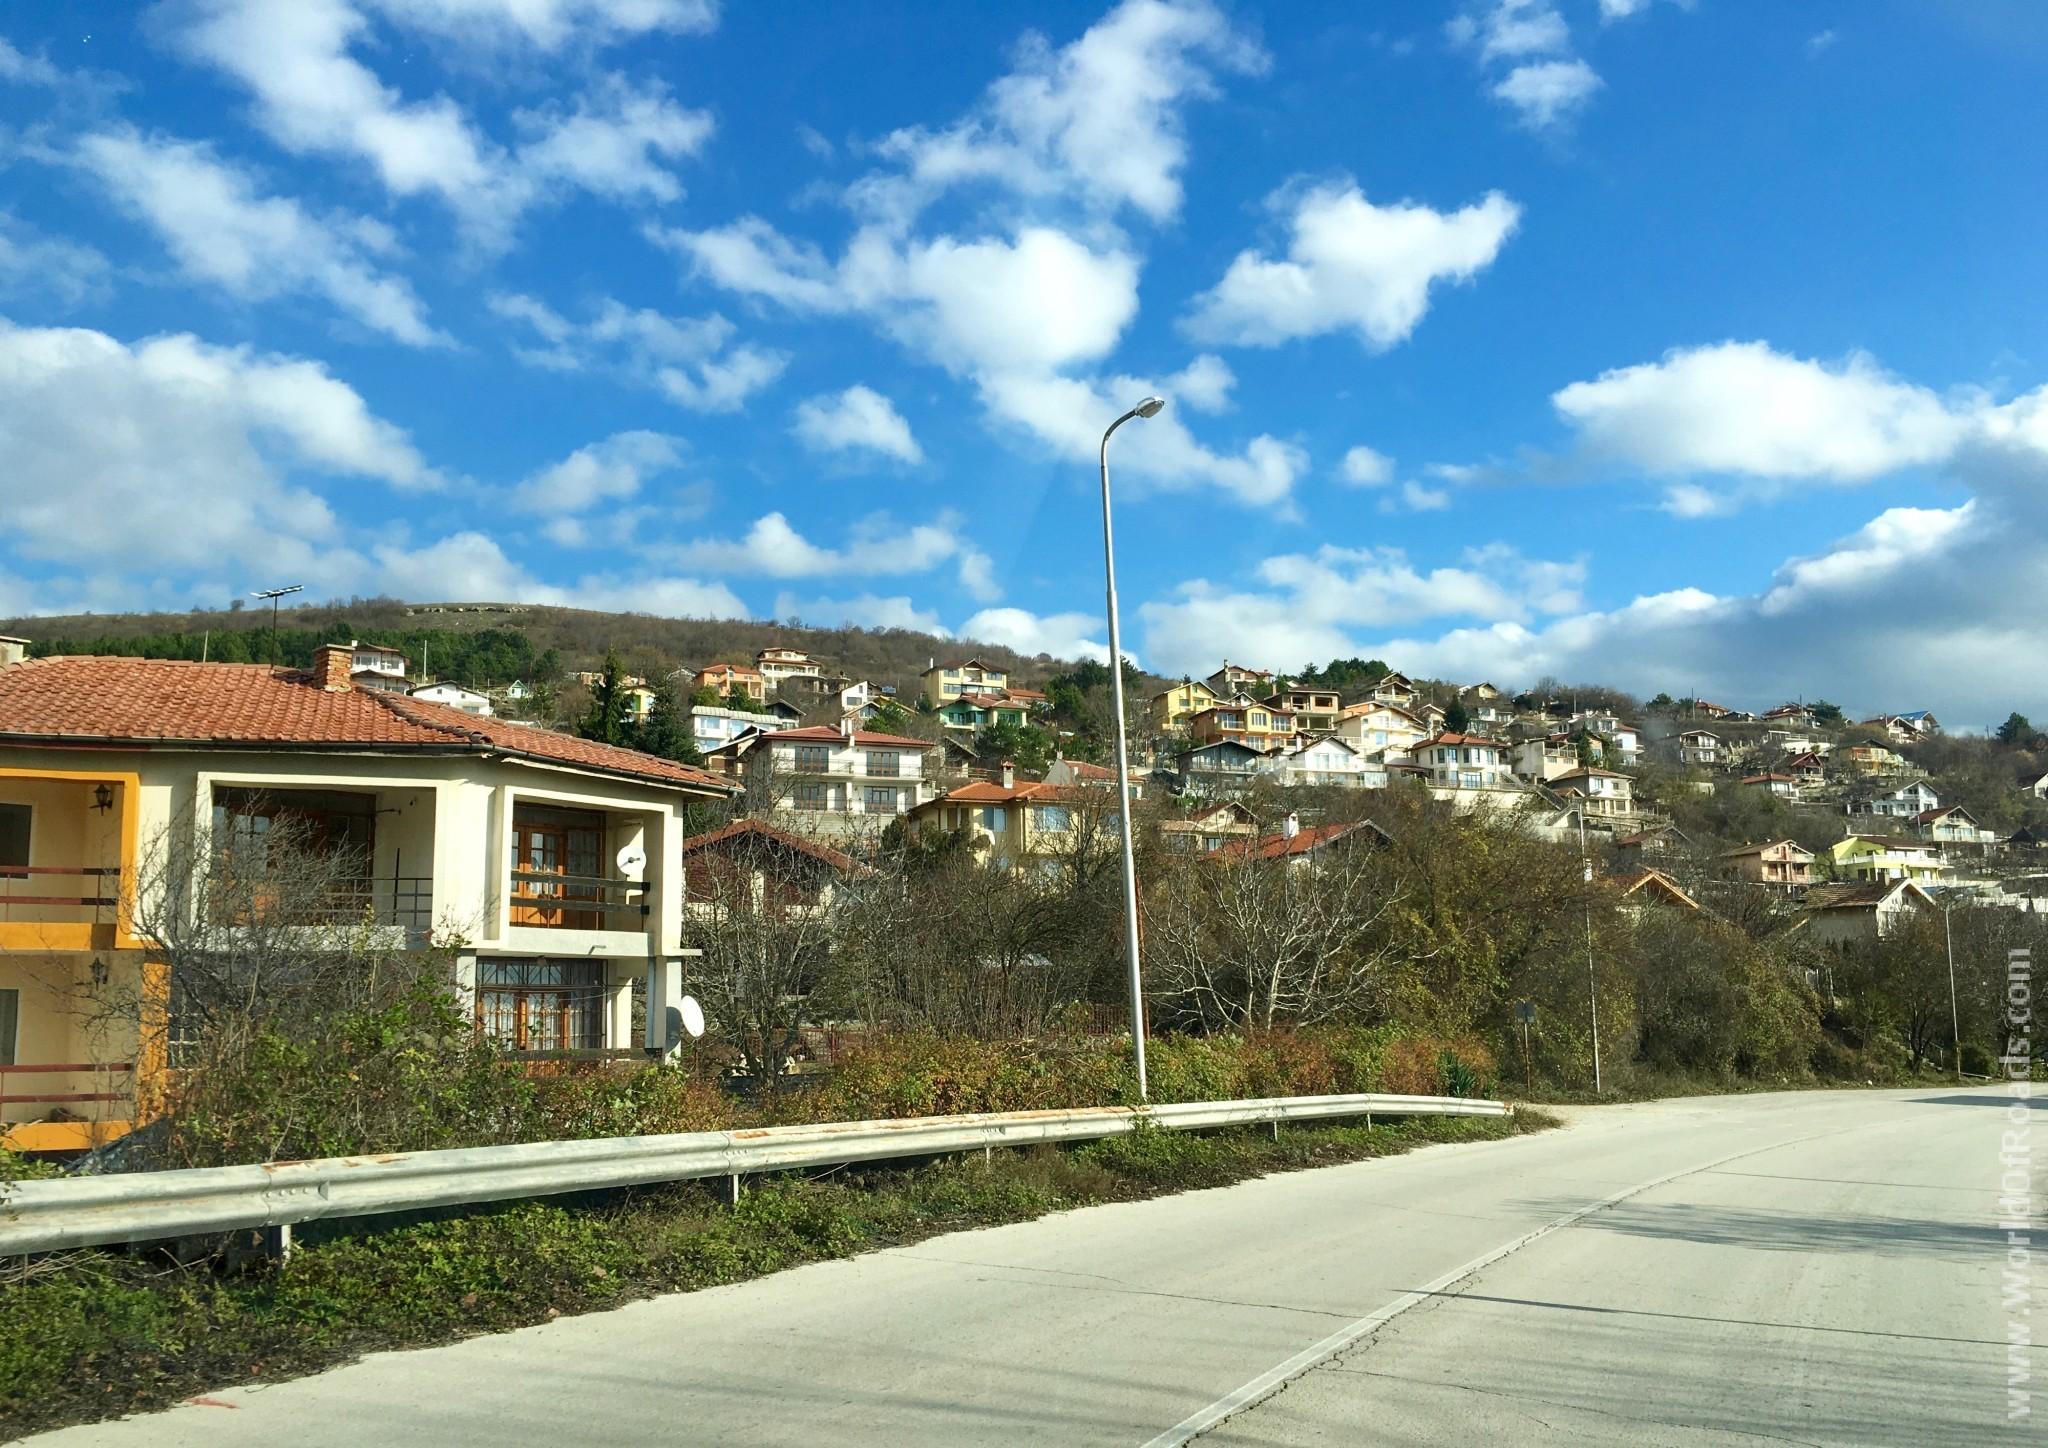 По дороге из Варны в Балчик. Болгария